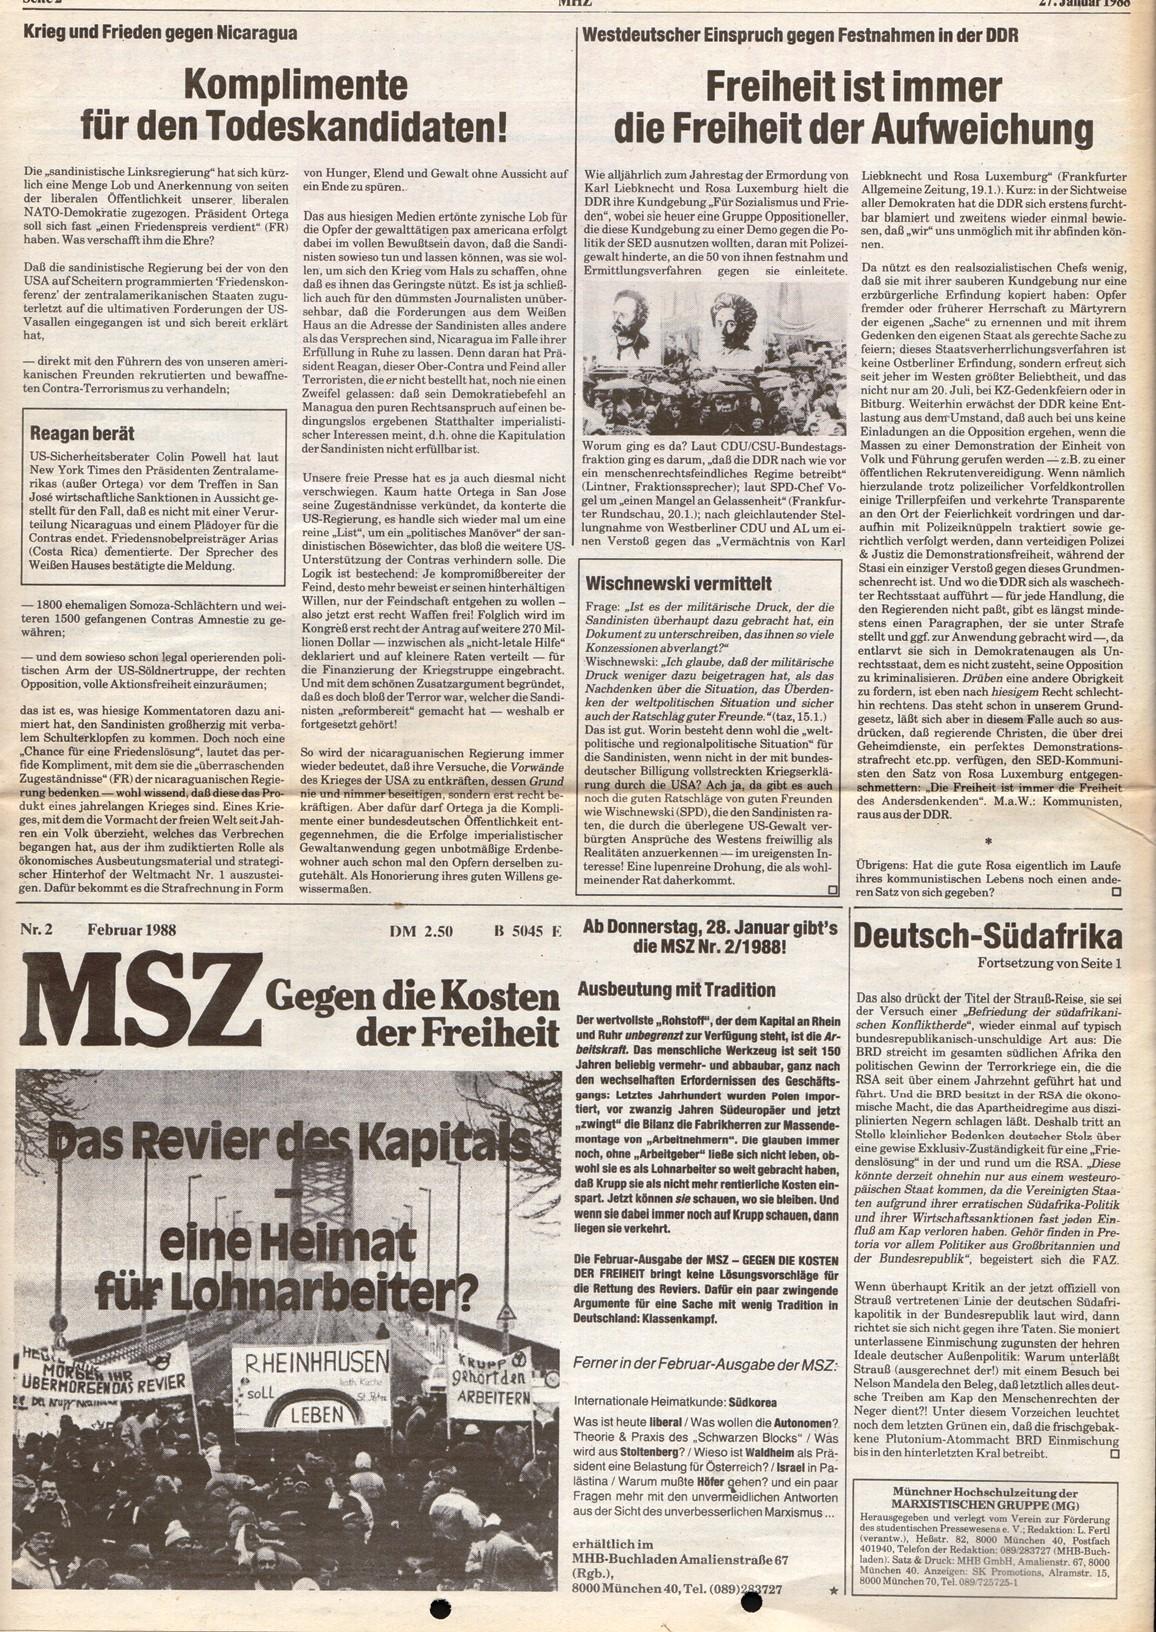 Muenchen_MG_Hochschulzeitung_19880127_02